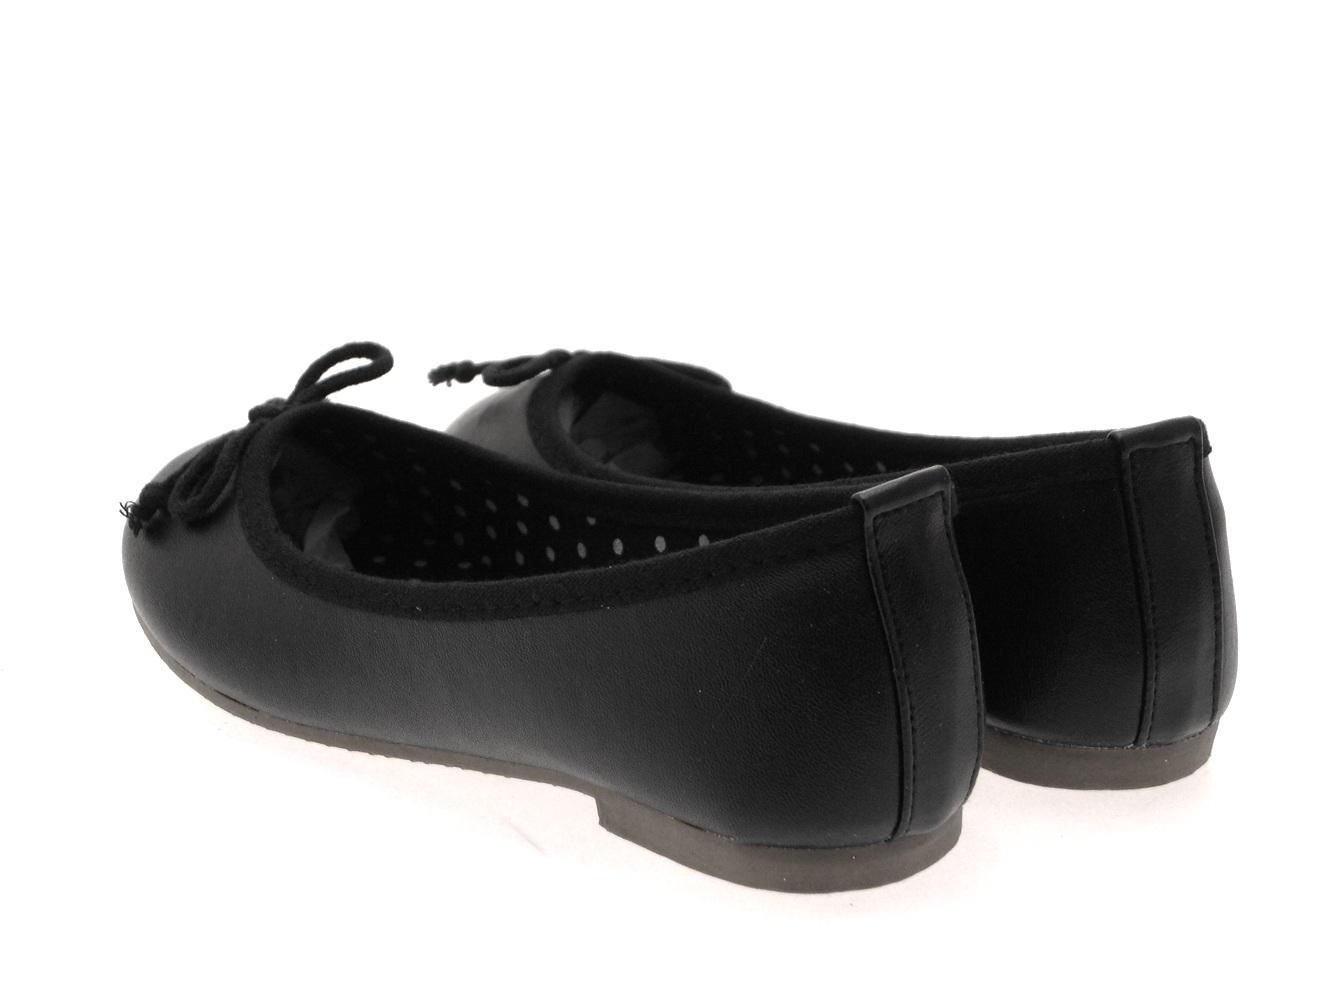 Chicas Imitación Cuero Ballet Bombas Zapatos Planos De Niños 3D arco Bailarinas Talla